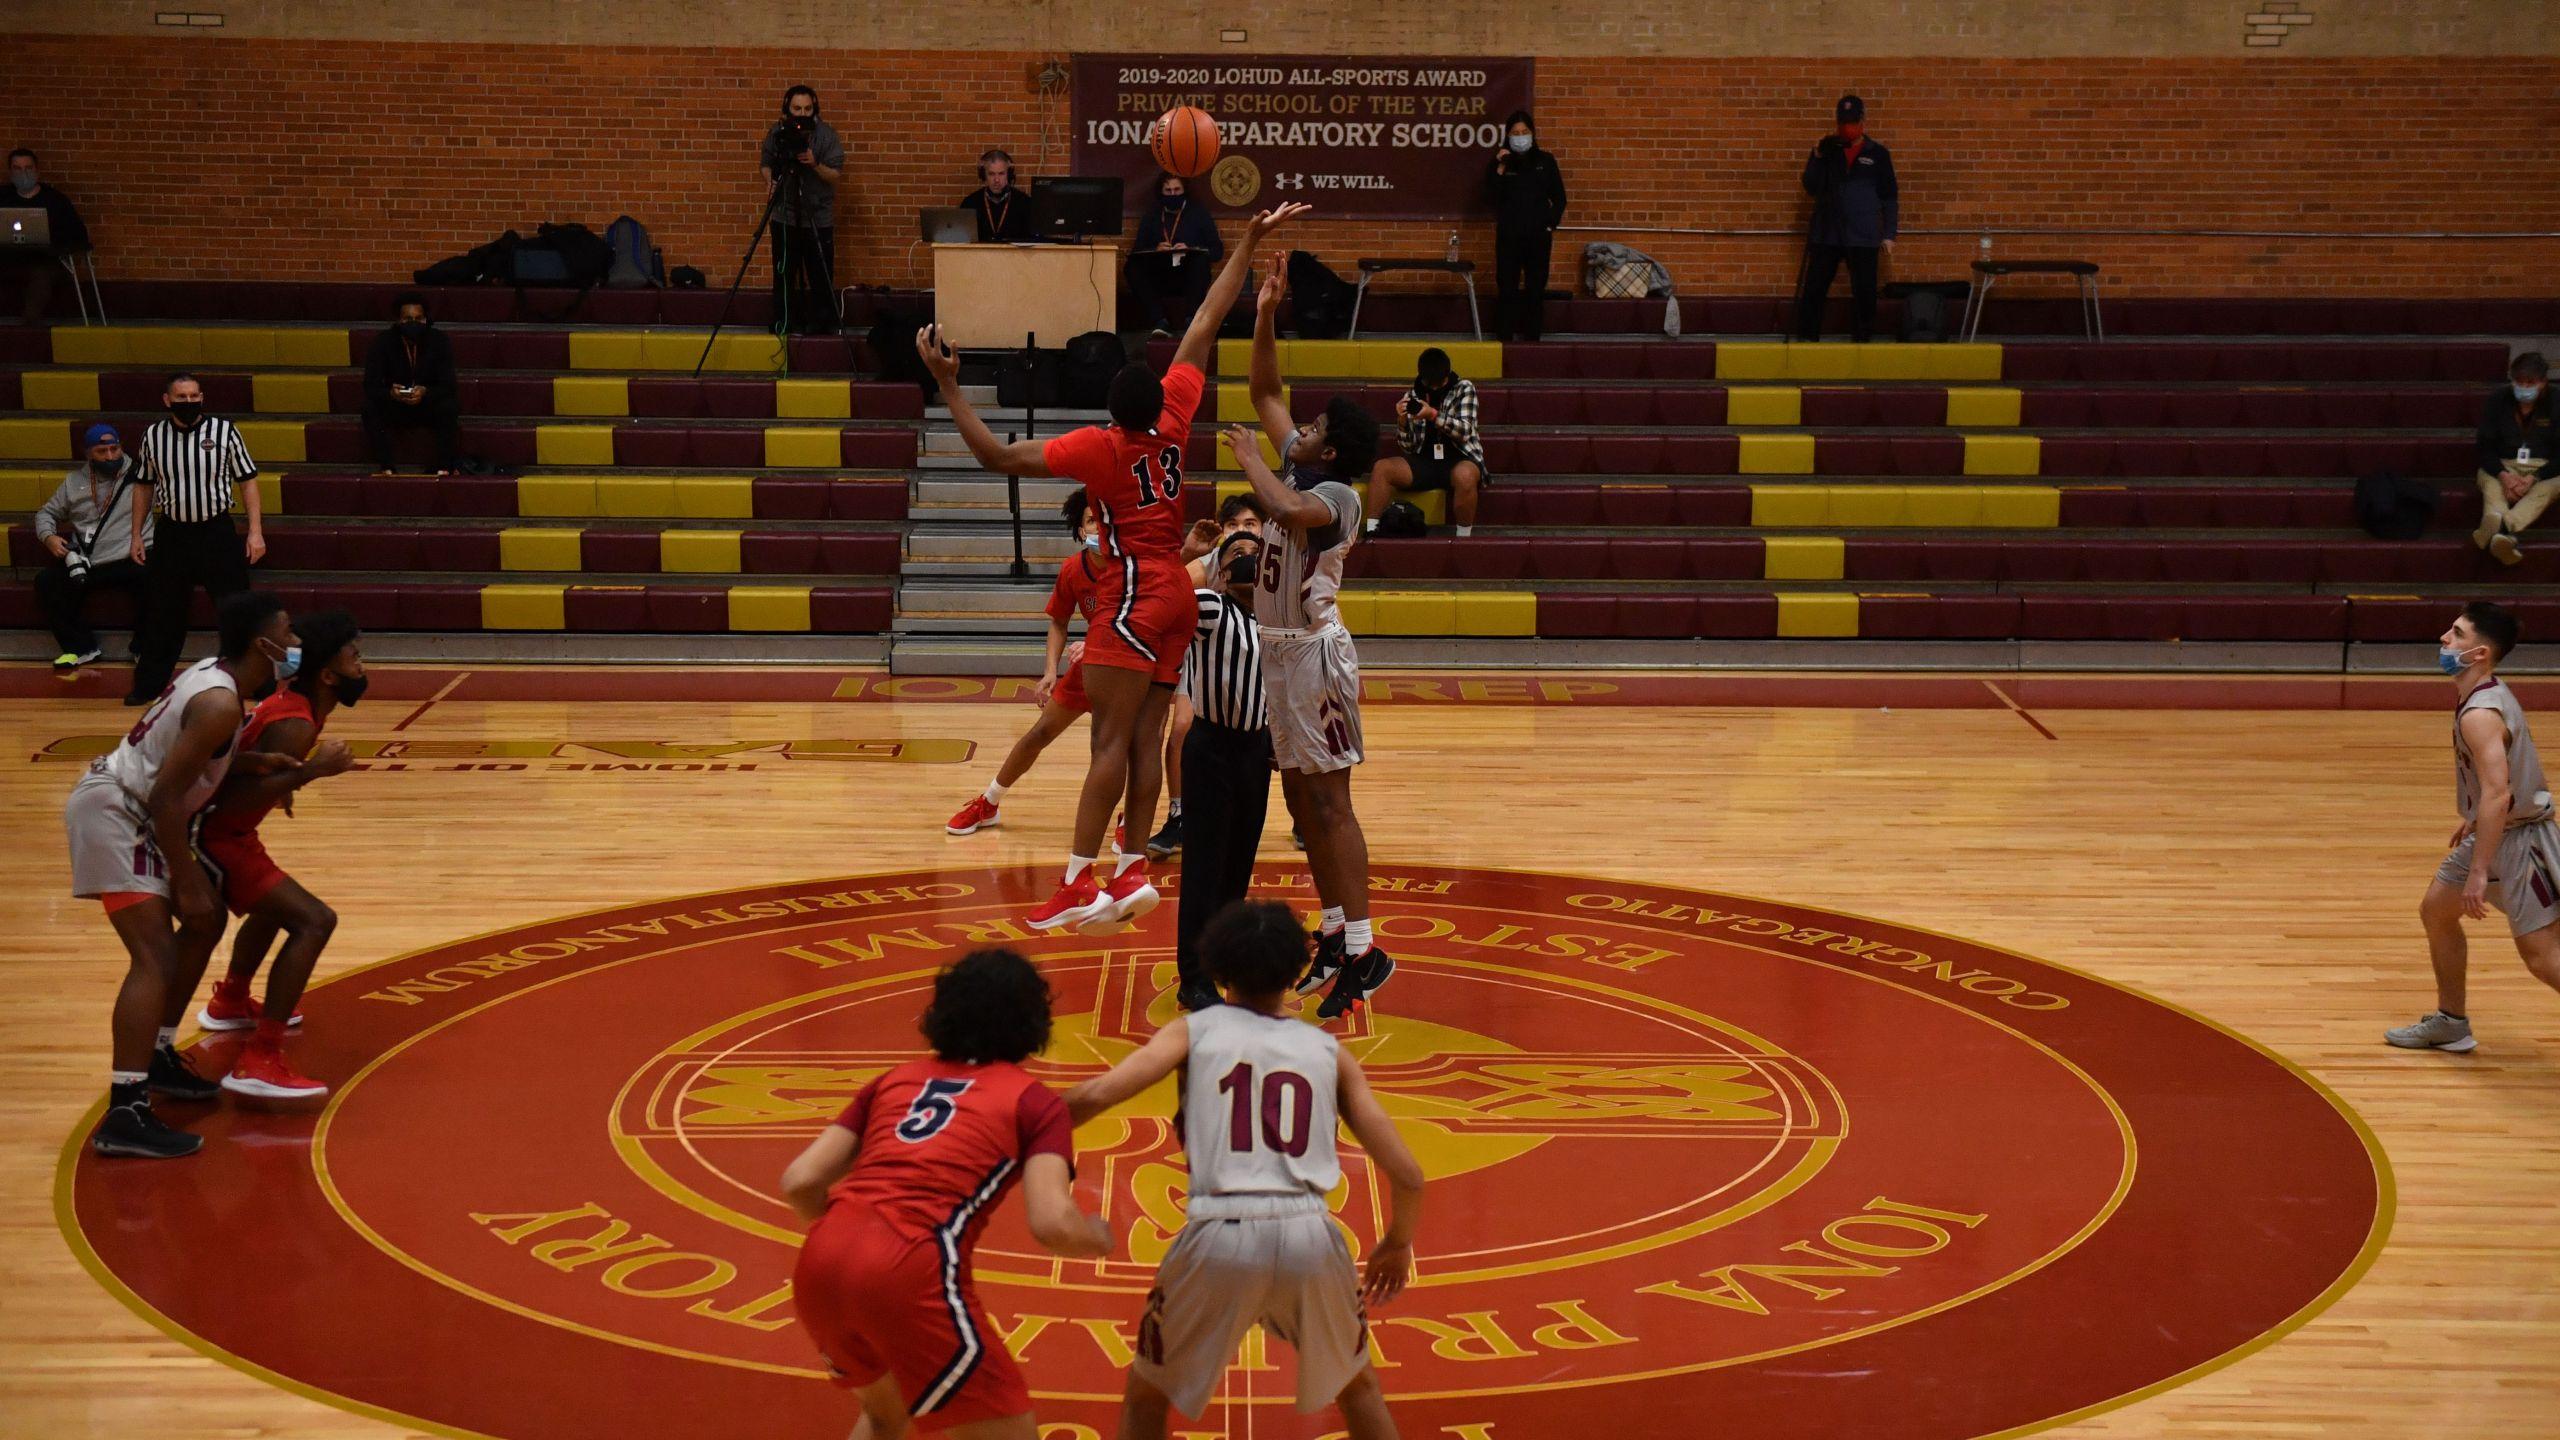 Iona Prep basketball